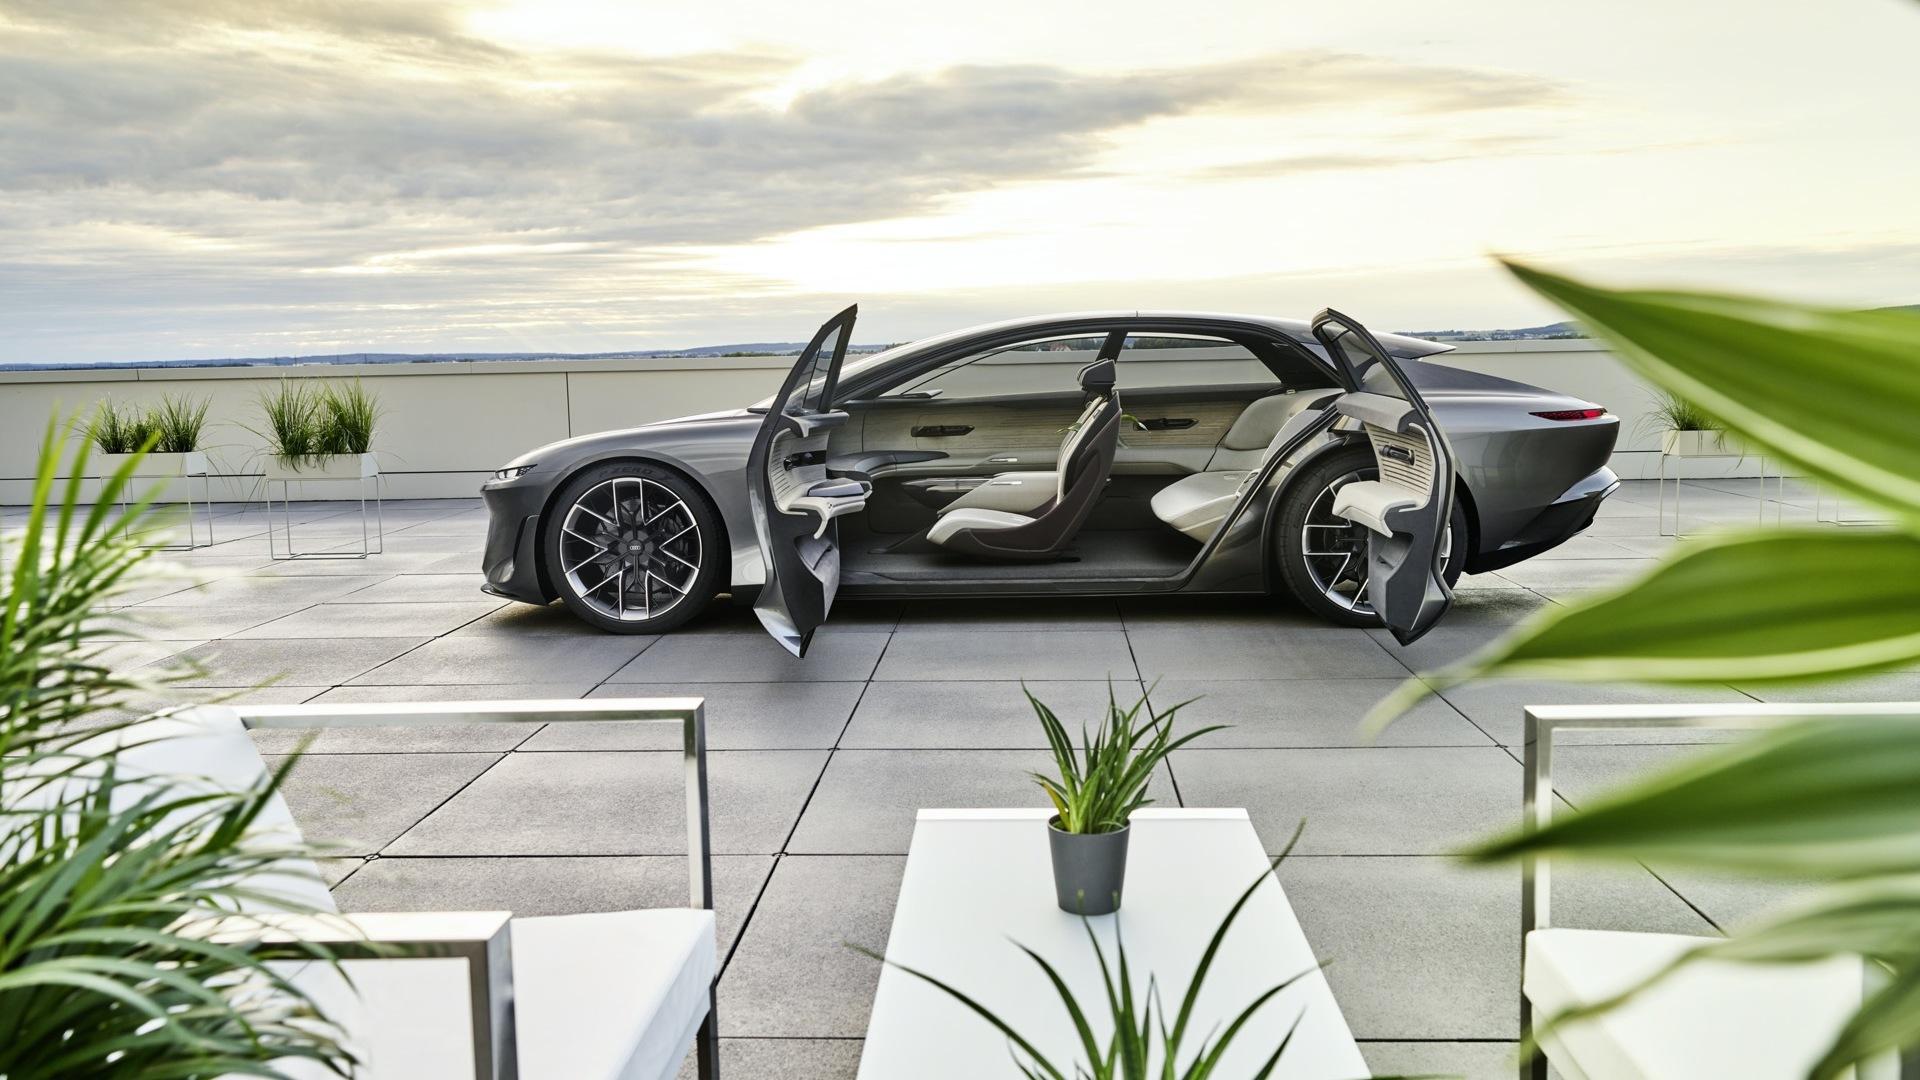 Audi Grandsphere: Μία αυτόνομα κινούμενη λιμουζίνα